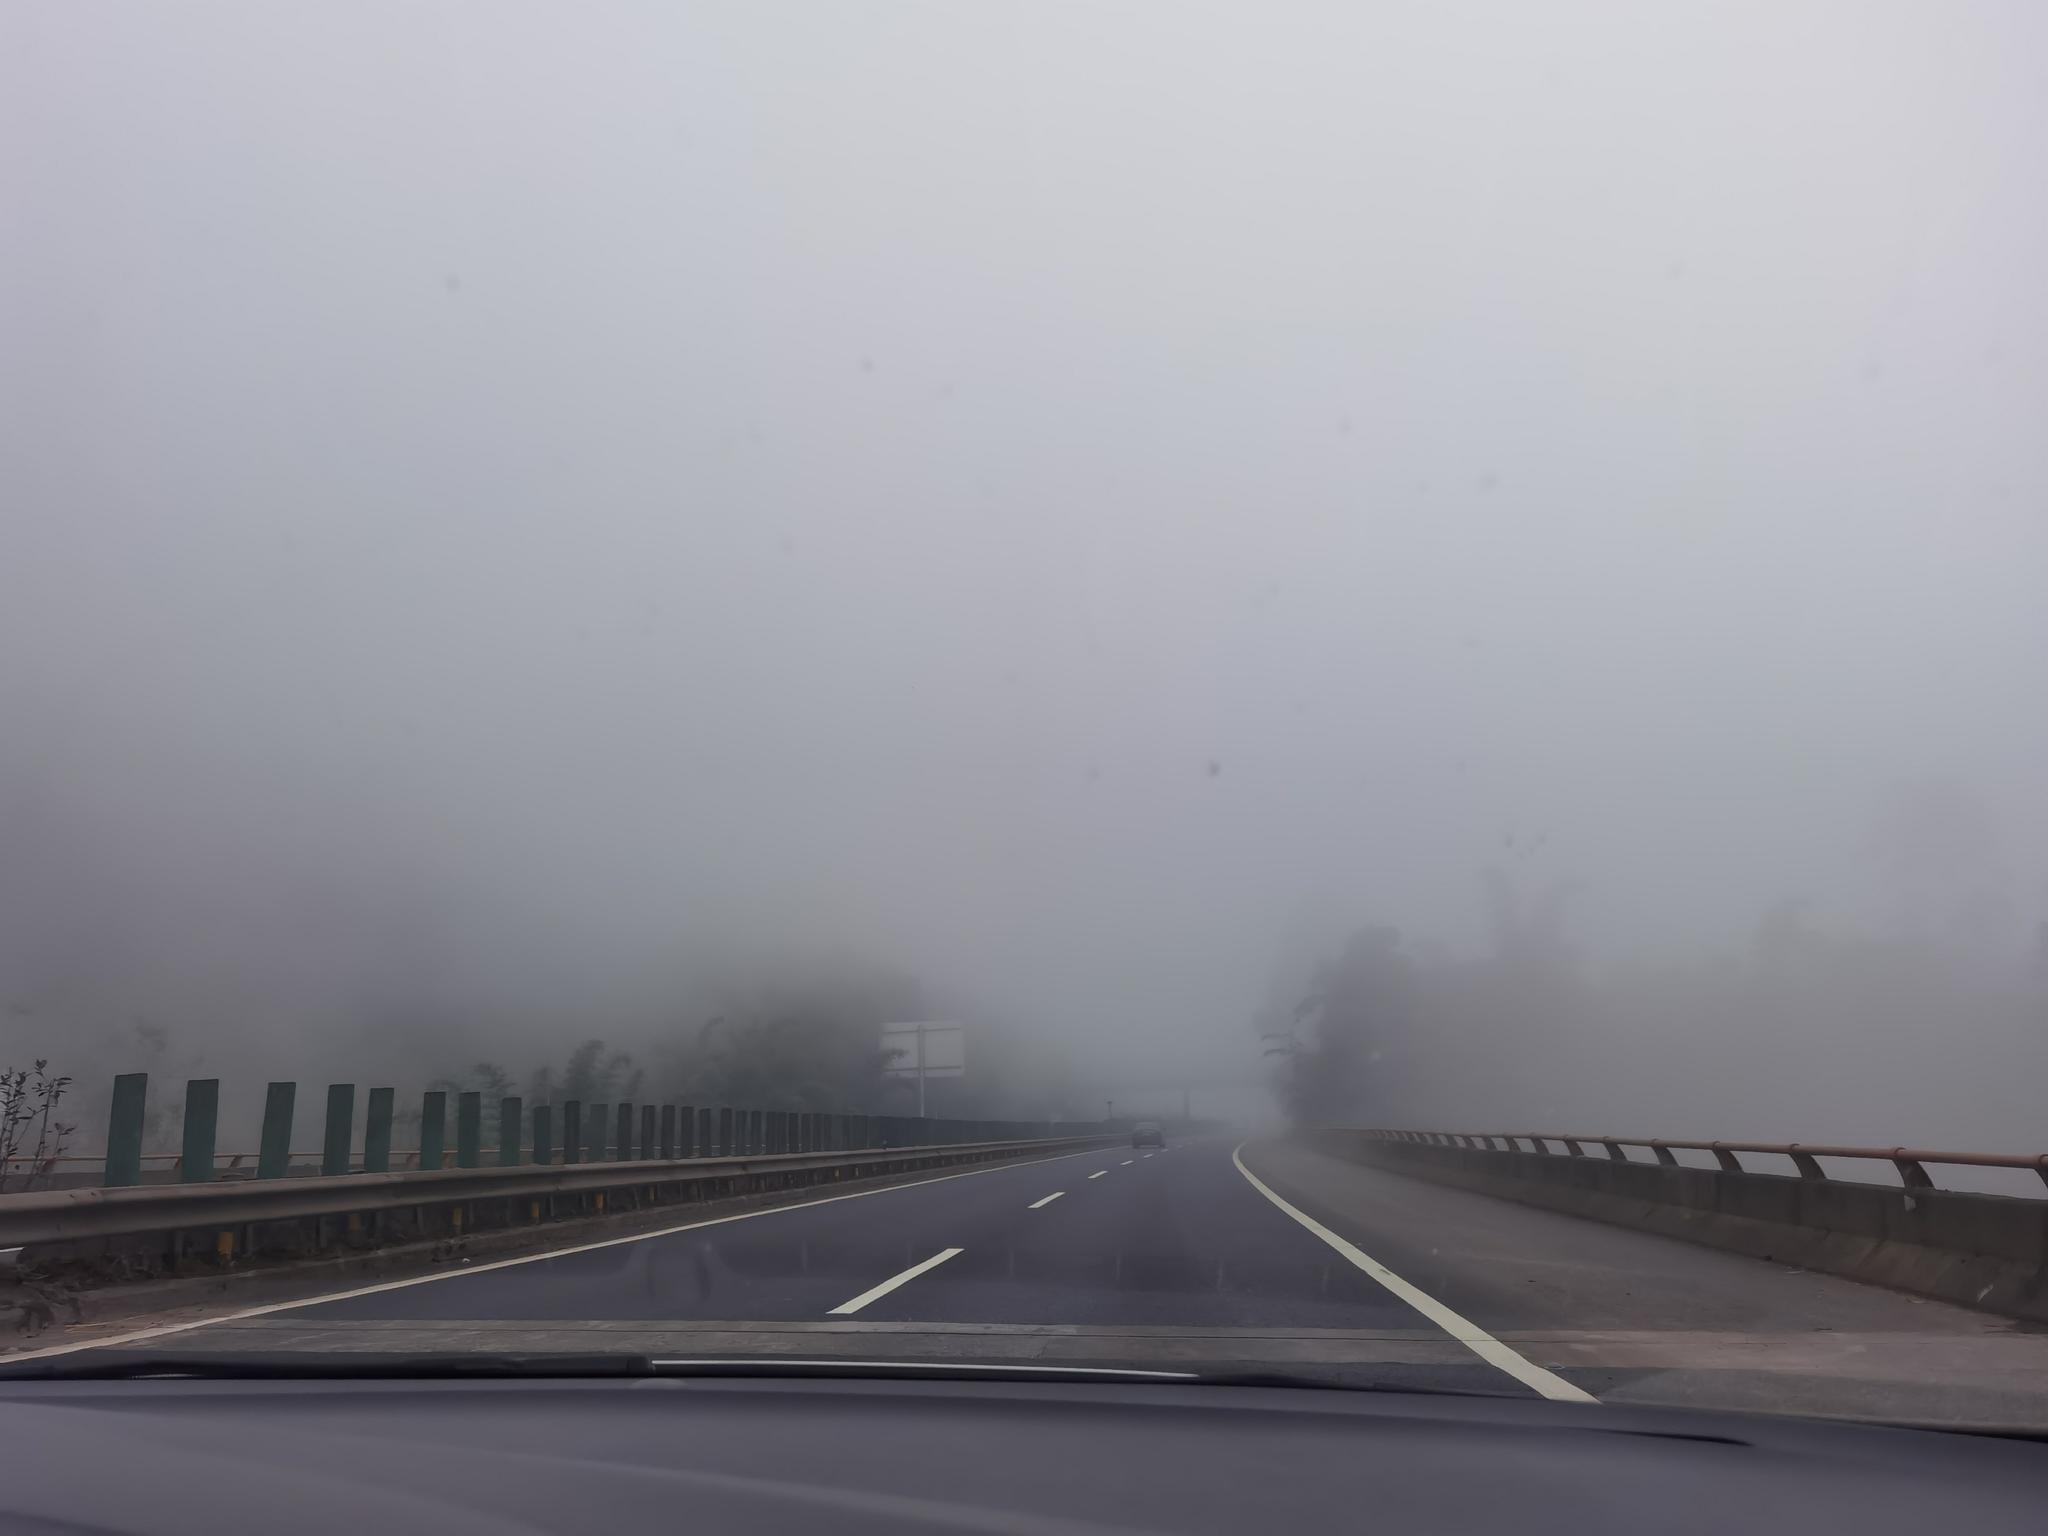 四川高速交警发布大雾天气交通管制 内江多个收费站关闭